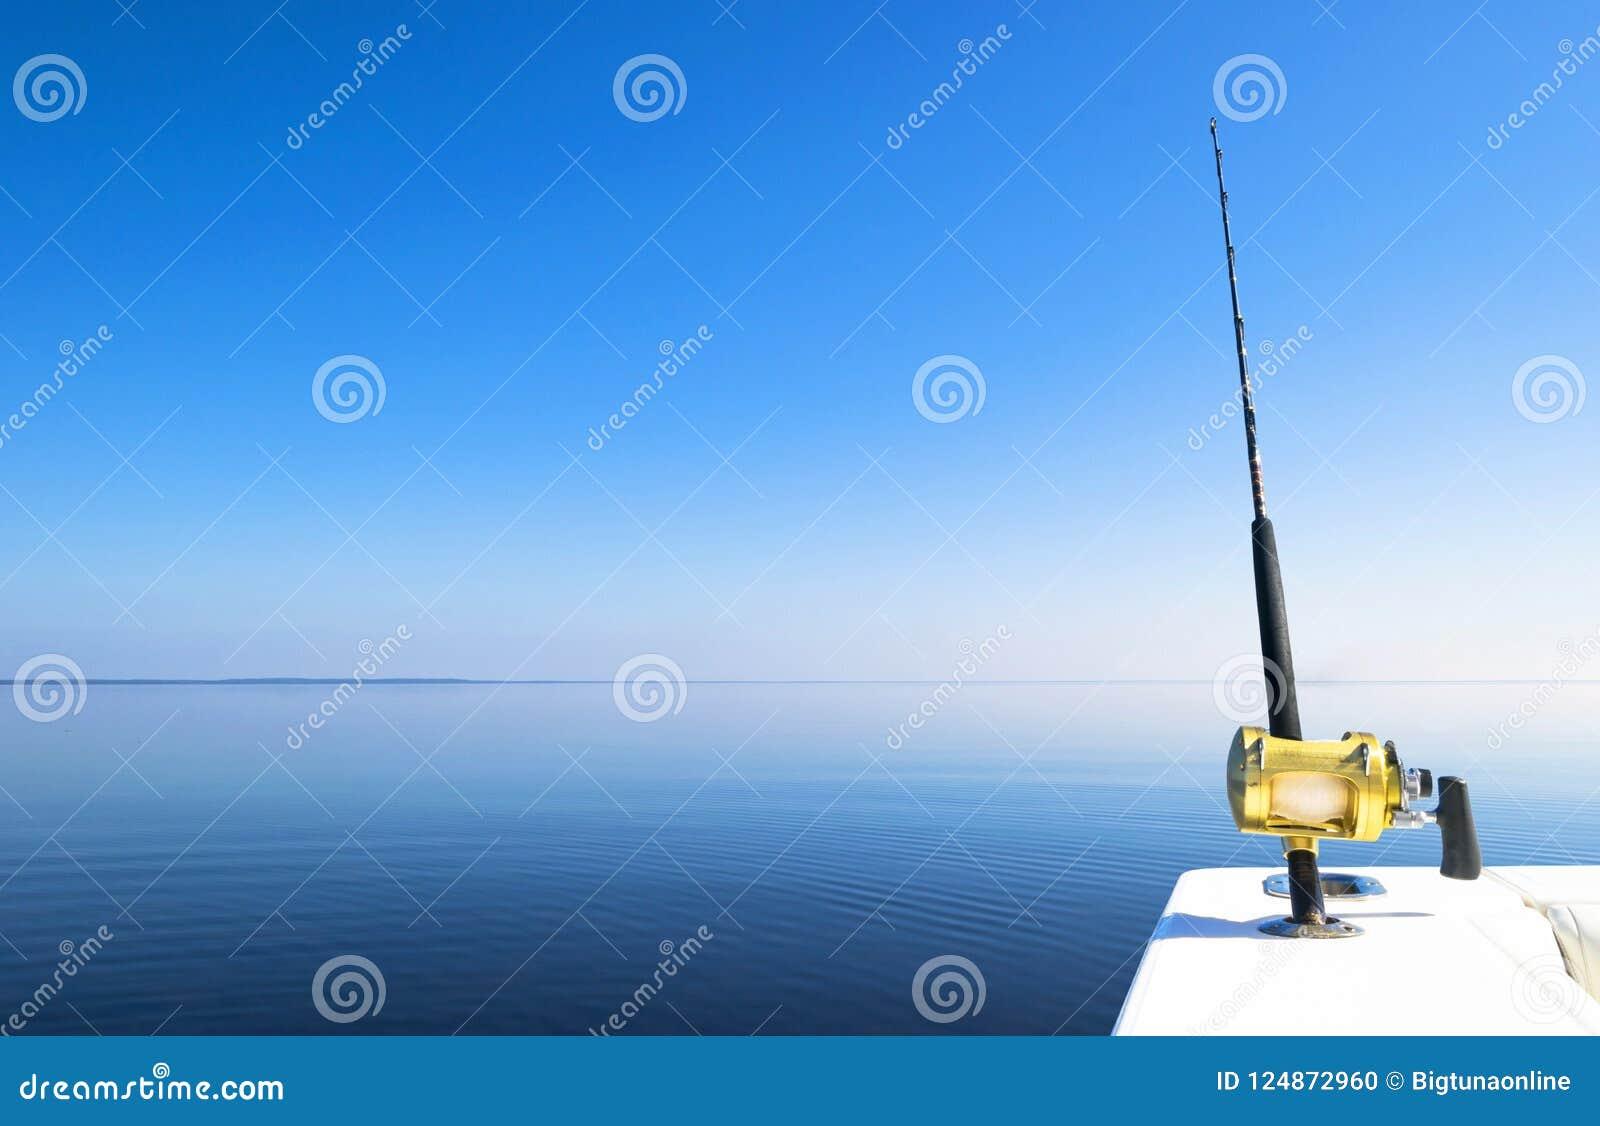 Połowu prącie w saltwater intymnej motorowej łodzi podczas rybołówstwo dnia w błękitnym oceanie Pomyślny połowu pojęcie